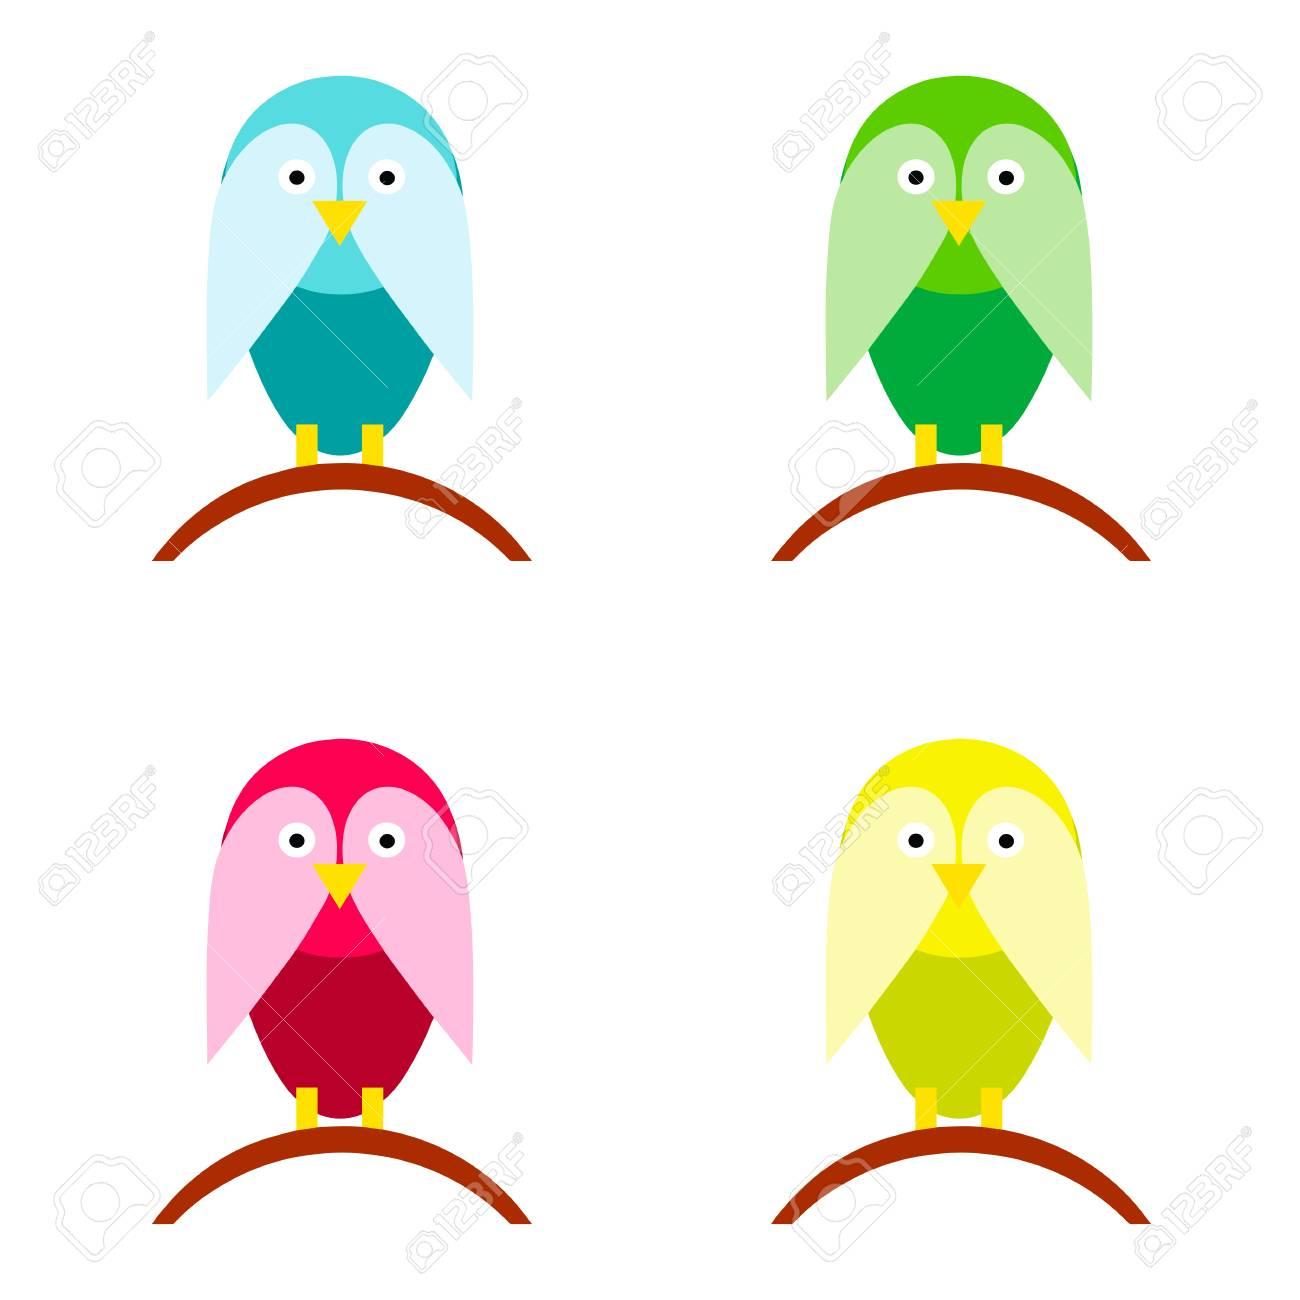 Vecteur De Dessin Animé D'oiseaux En Plusieurs Couleurs tout Dessin D Oiseau Simple